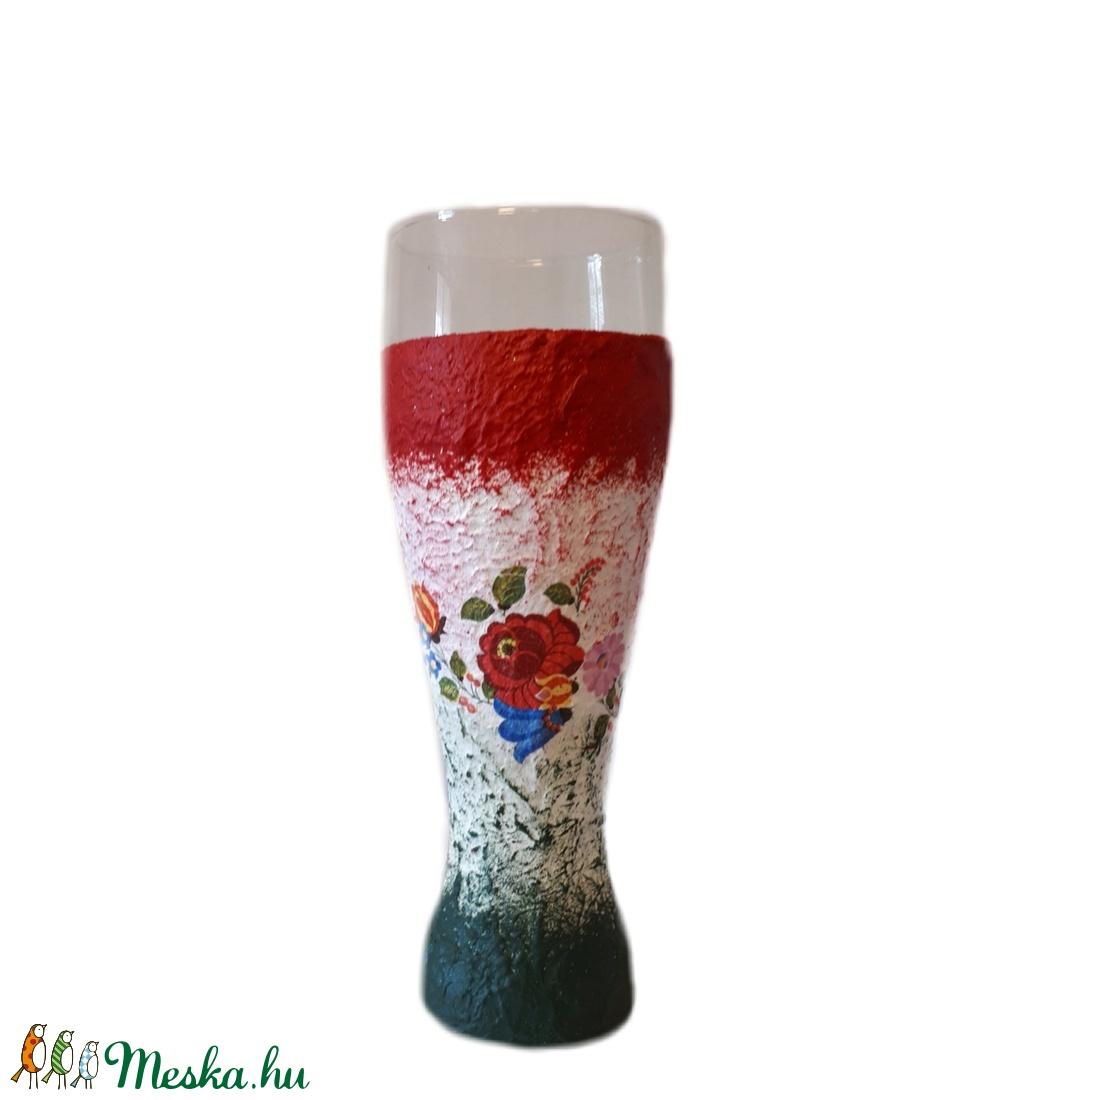 ff6dcab163 Kalocsai mintás, magyaros dísz-és használati sörös pohár eljegyzésre,  nászajándékba, évfordulóra